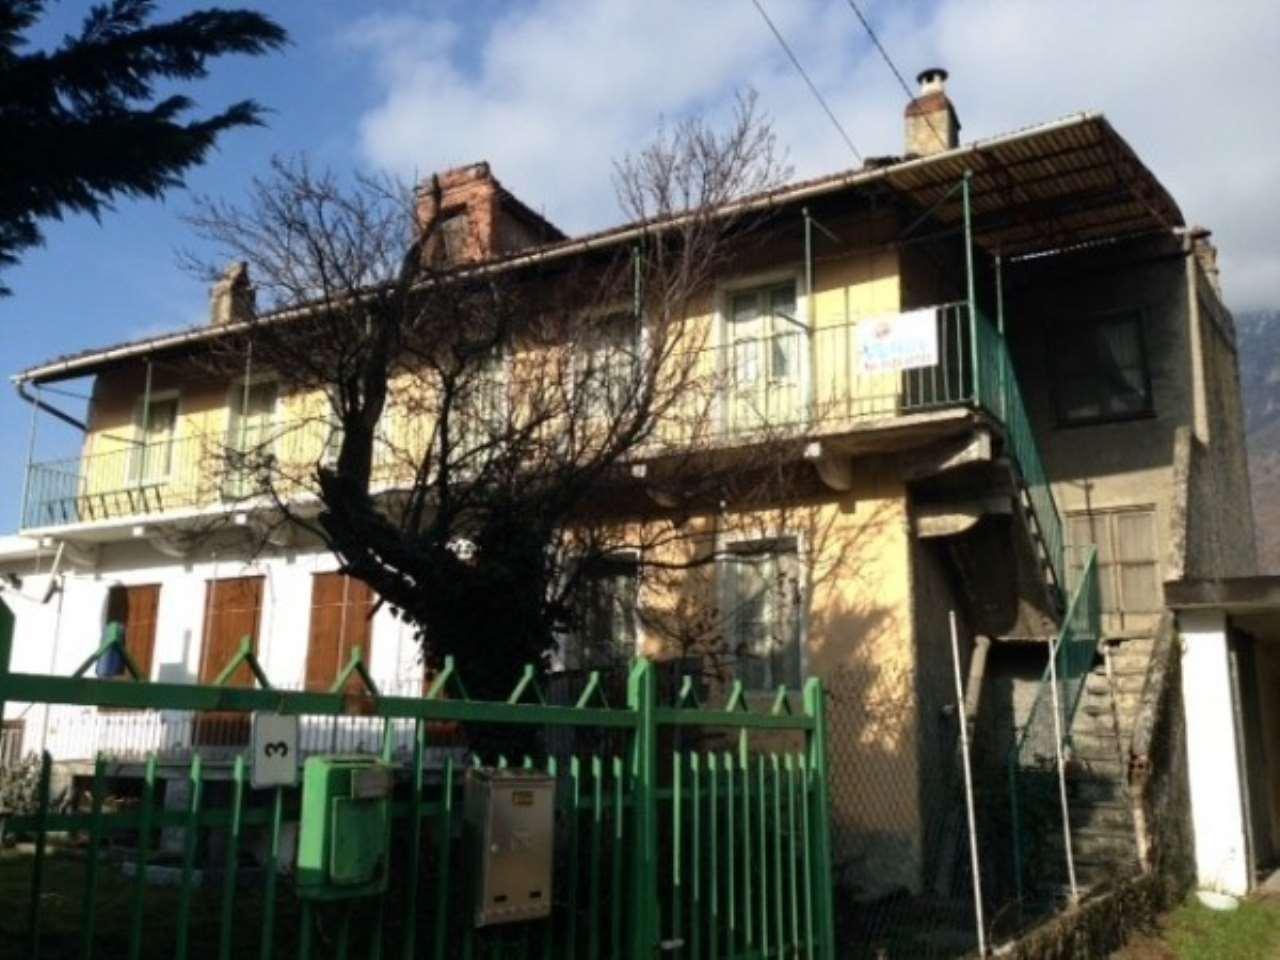 Rustico / Casale in vendita a Bussoleno, 3 locali, prezzo € 35.000 | CambioCasa.it